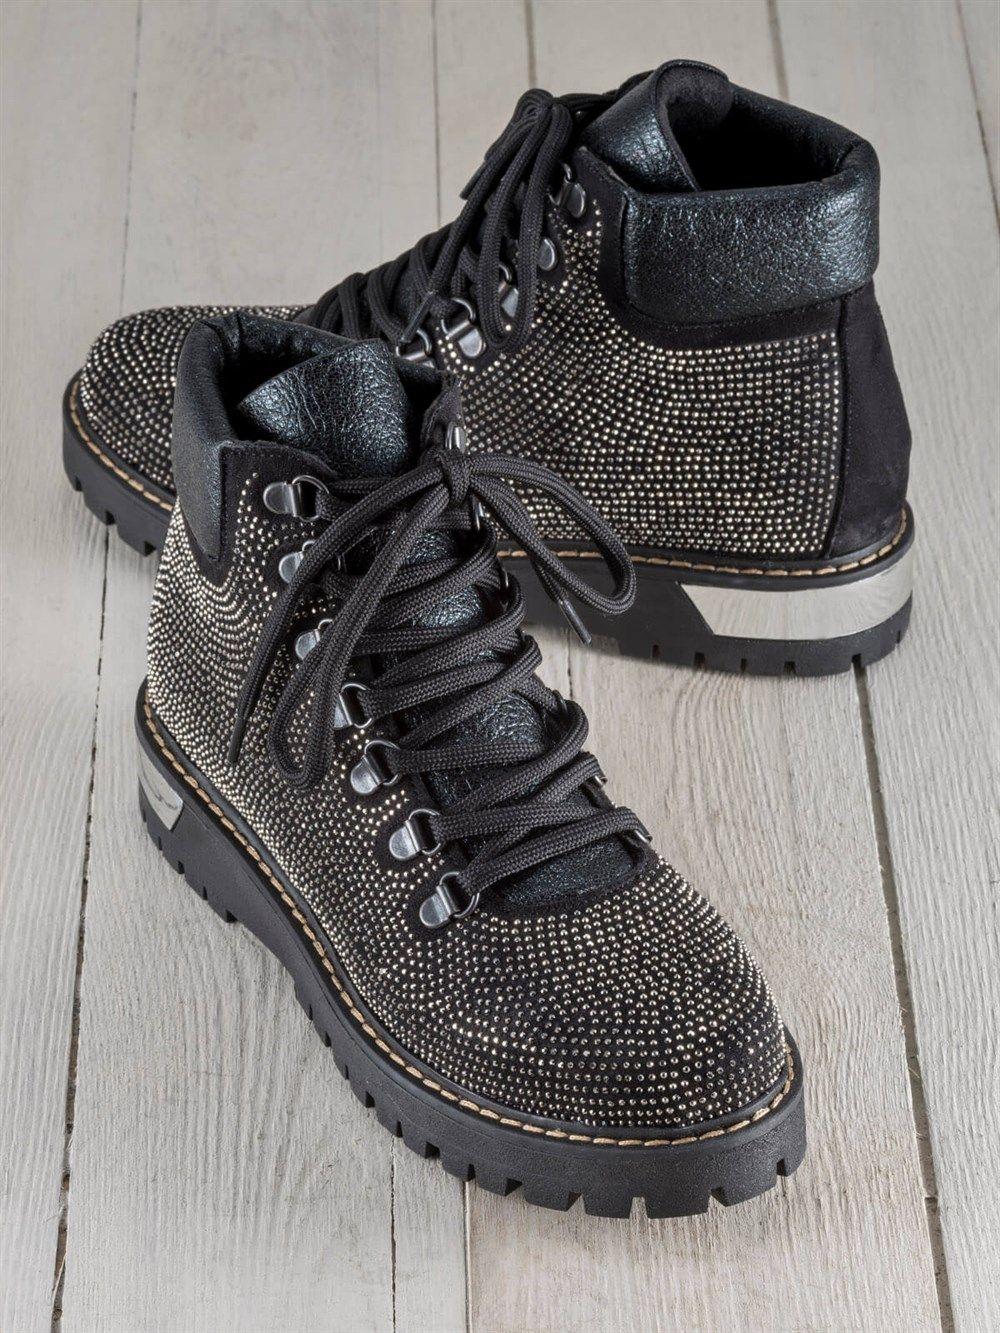 Italyan Ayakkabi Modelleri 2018 2019 2020 Kis Koleksiyonu Google Da Ara Ayakkabilar Bot Kis